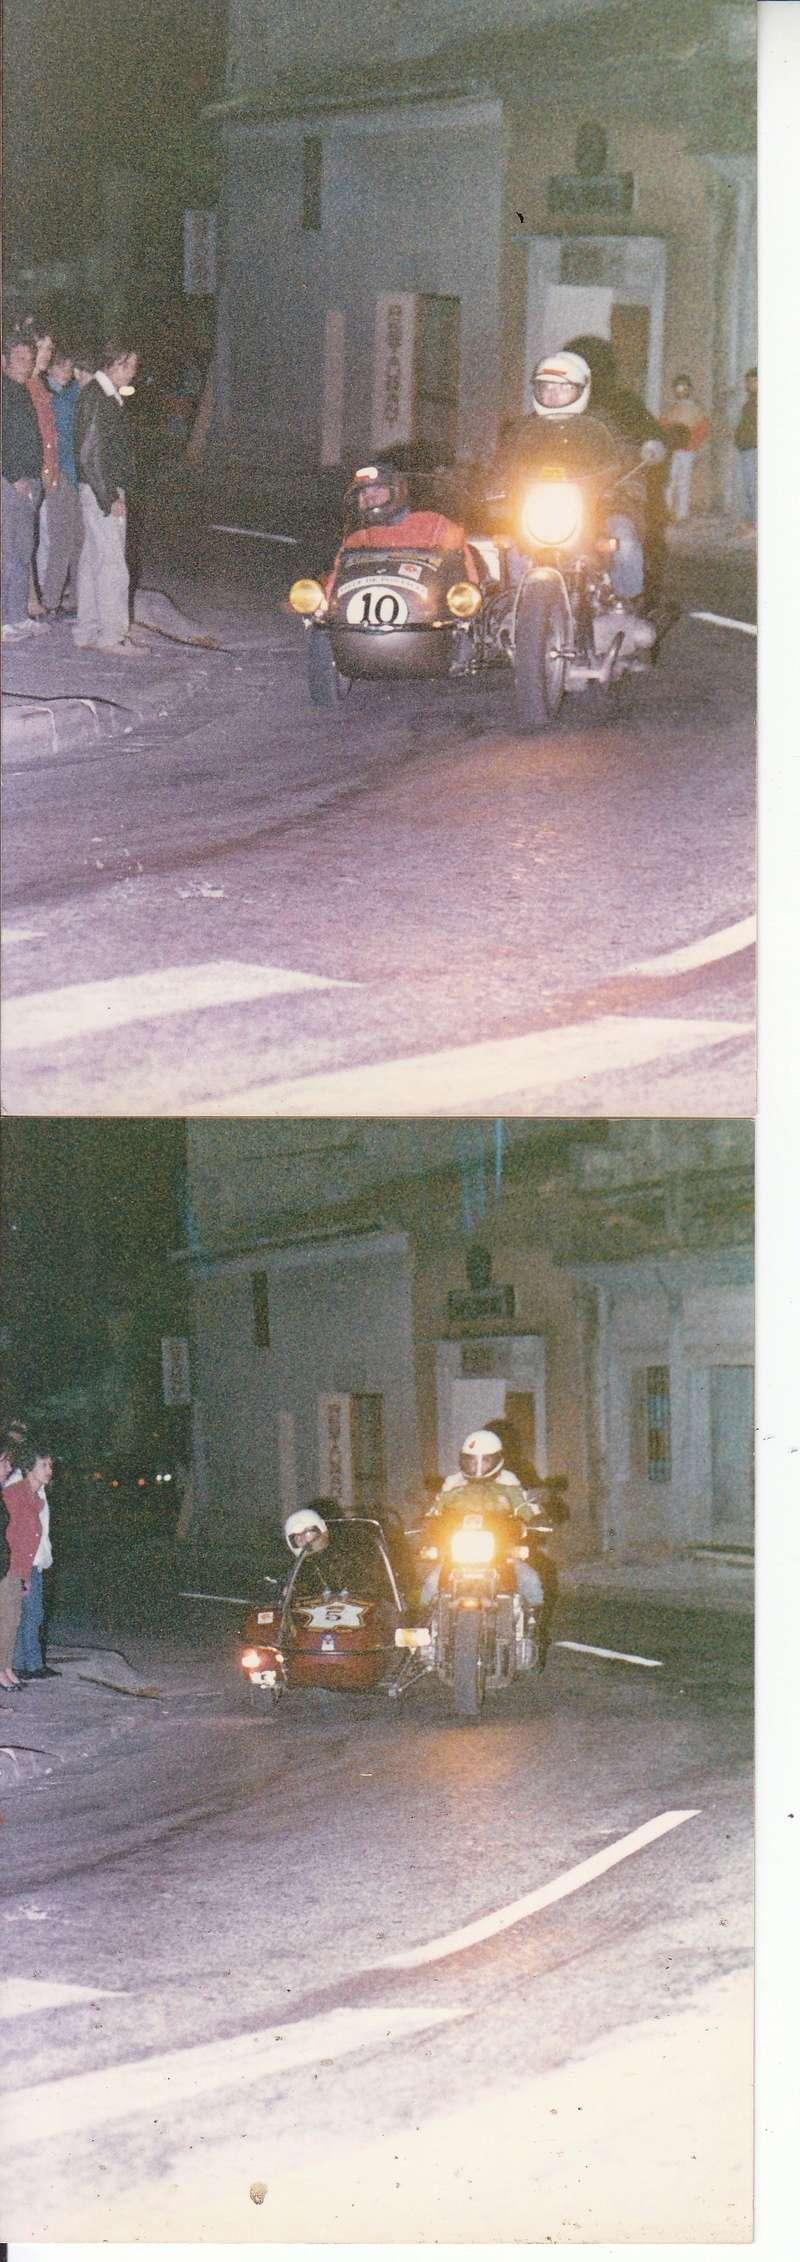 [Oldies] 1980 à 1988: Le Tour de France side-car, par Joël Enndewell  - Page 17 Sans_t71